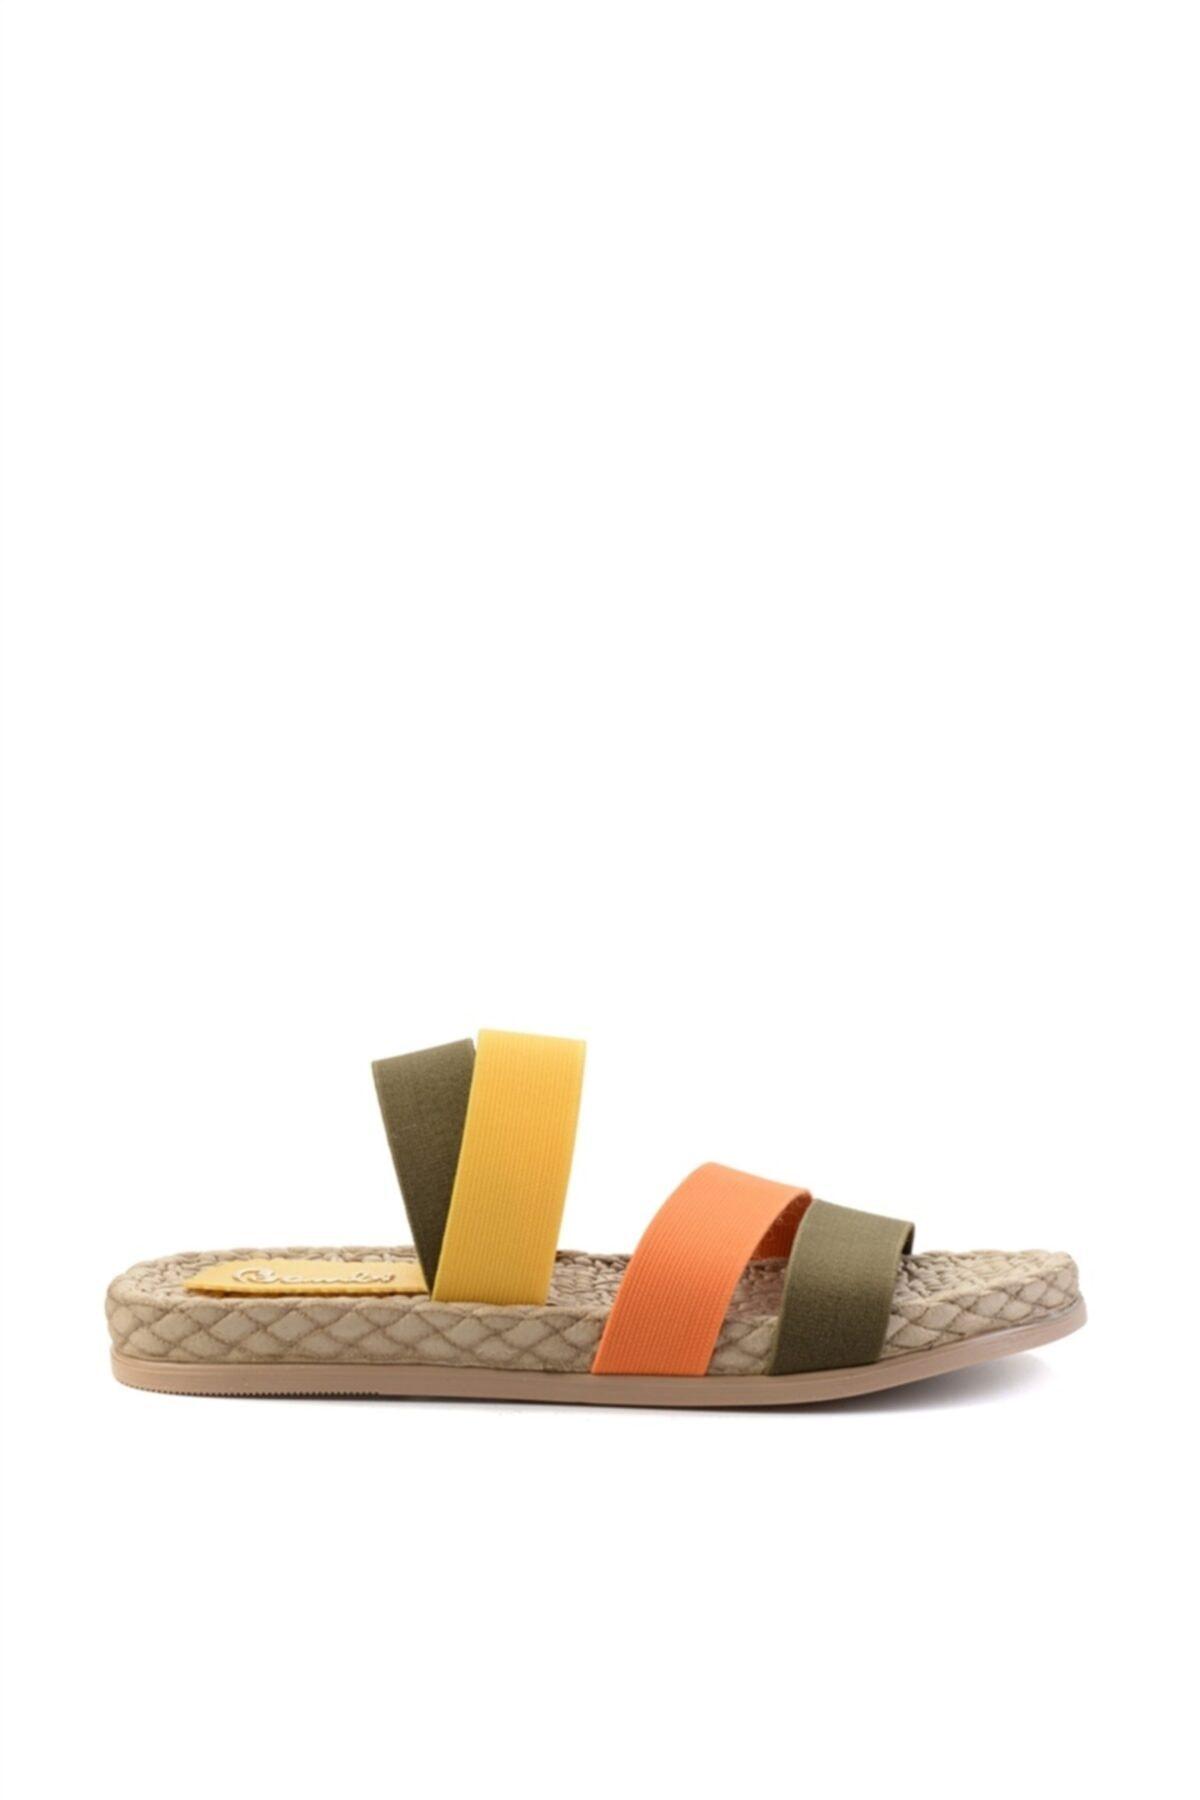 Bambi Haki Kadın Sandalet L0682020054 2